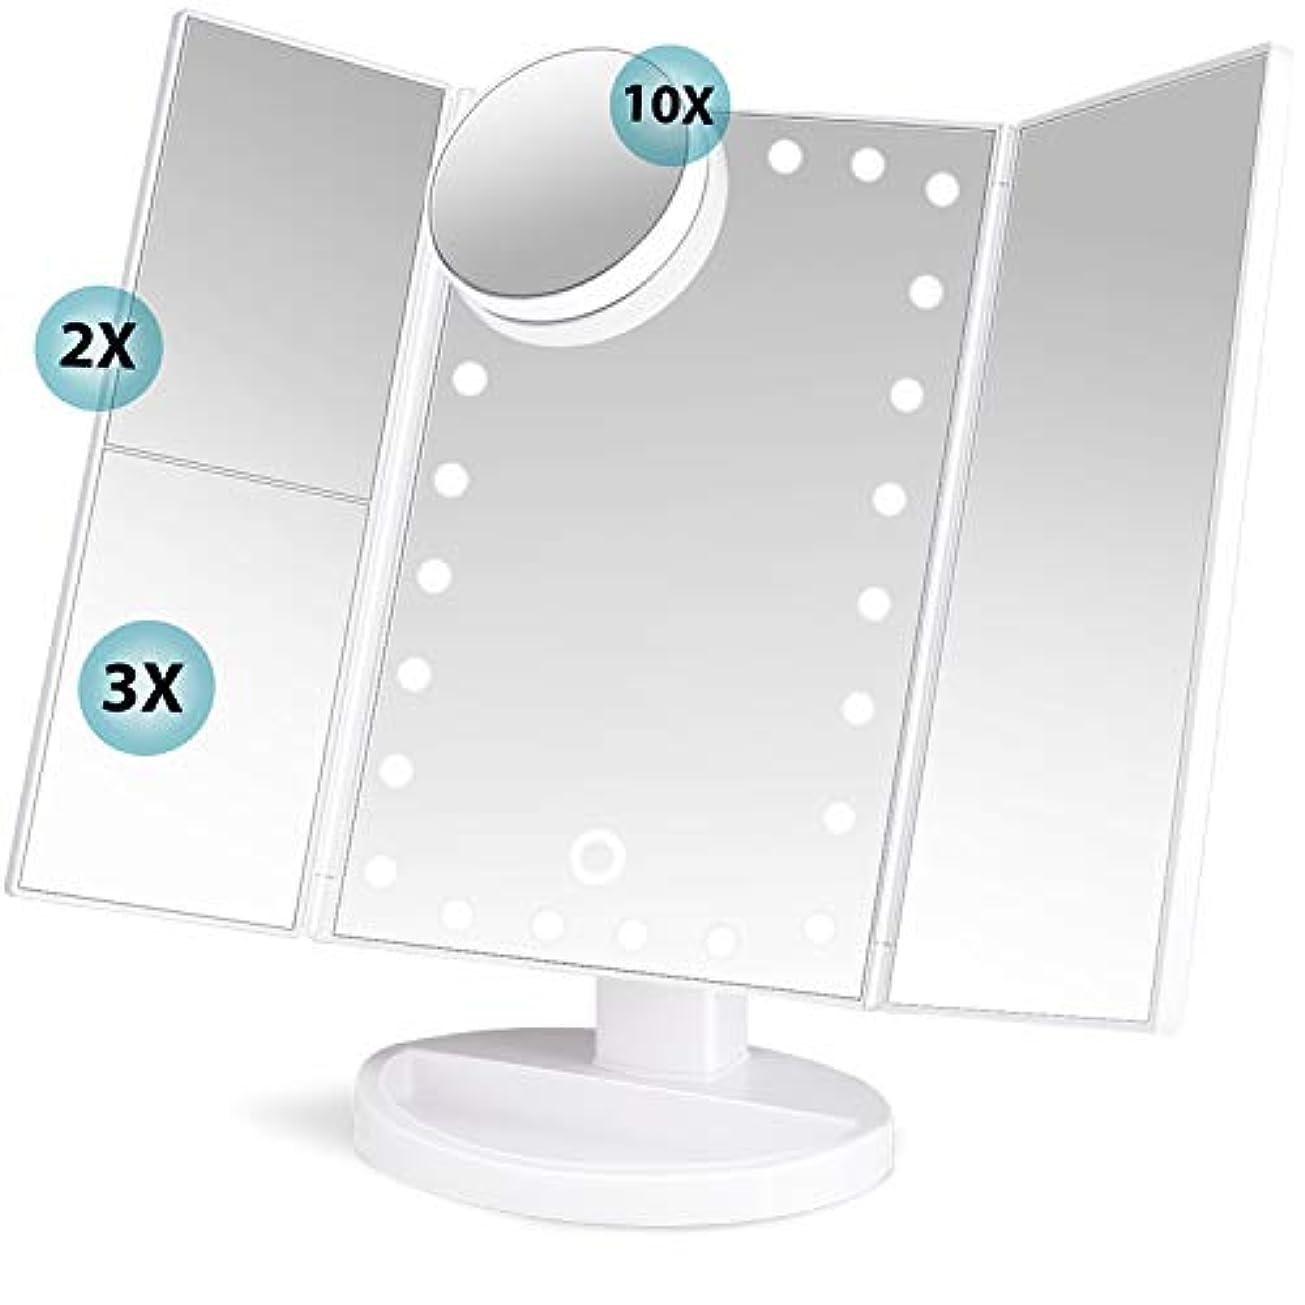 肥満ドナウ川パトロールsoafiya 化粧鏡 化粧ミラー 鏡 三面鏡 女優ミラー 卓上 led付き 折りたたみ 拡大鏡 2&3倍 明るさ調節可能 180°